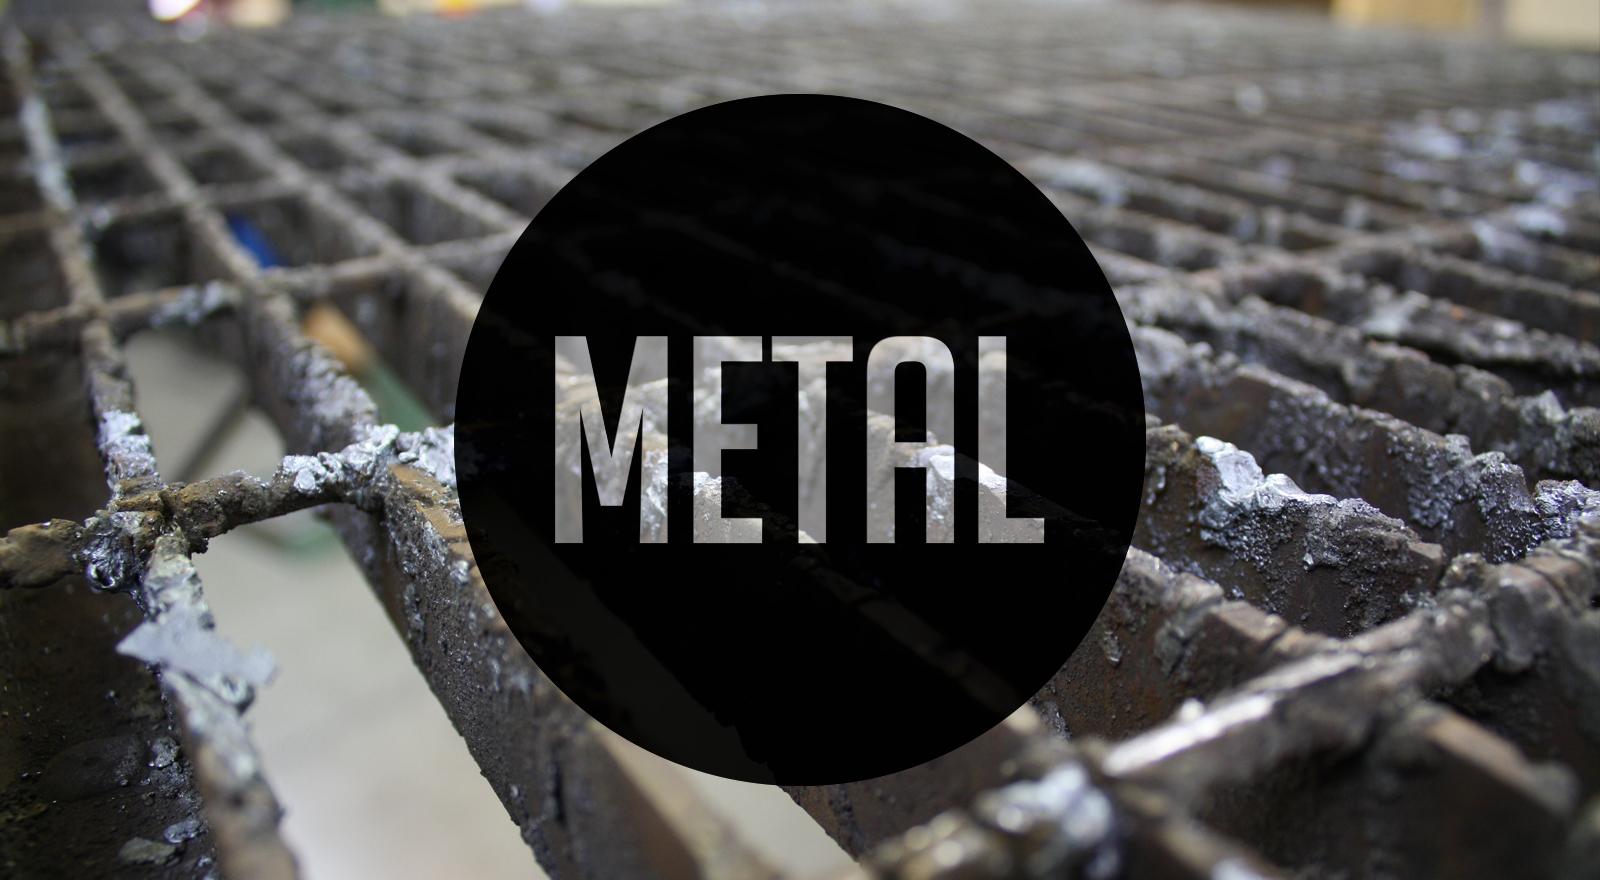 metaltitle.jpg